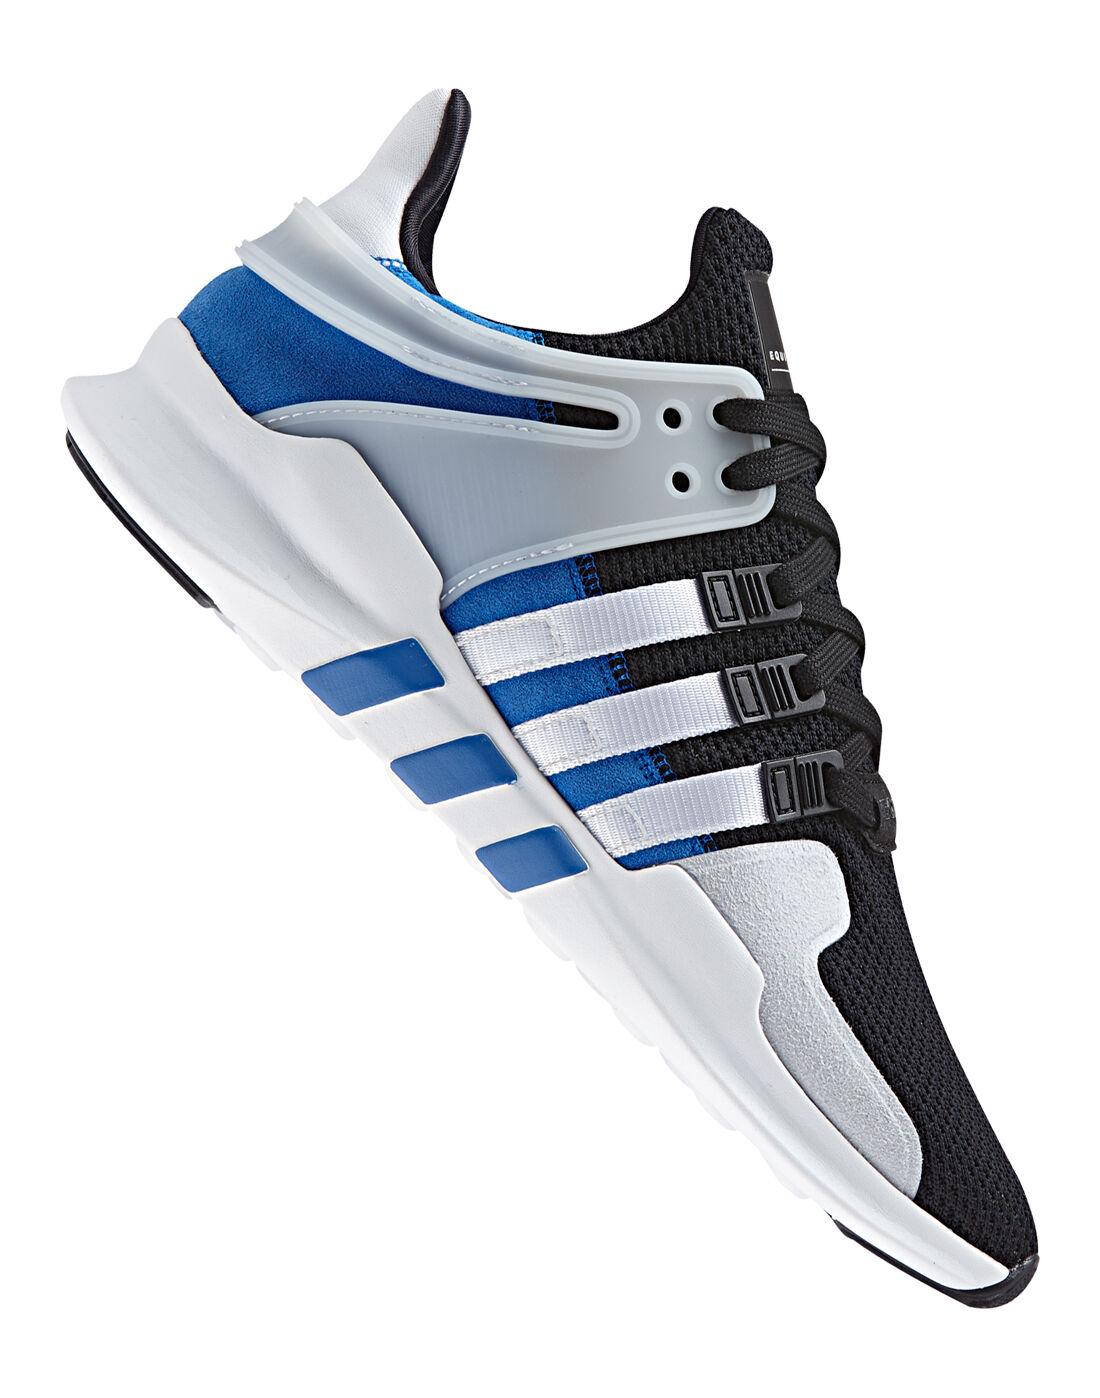 Adidas originali Uomo eqt appoggio avanzata blu dello stile di vita sportiva